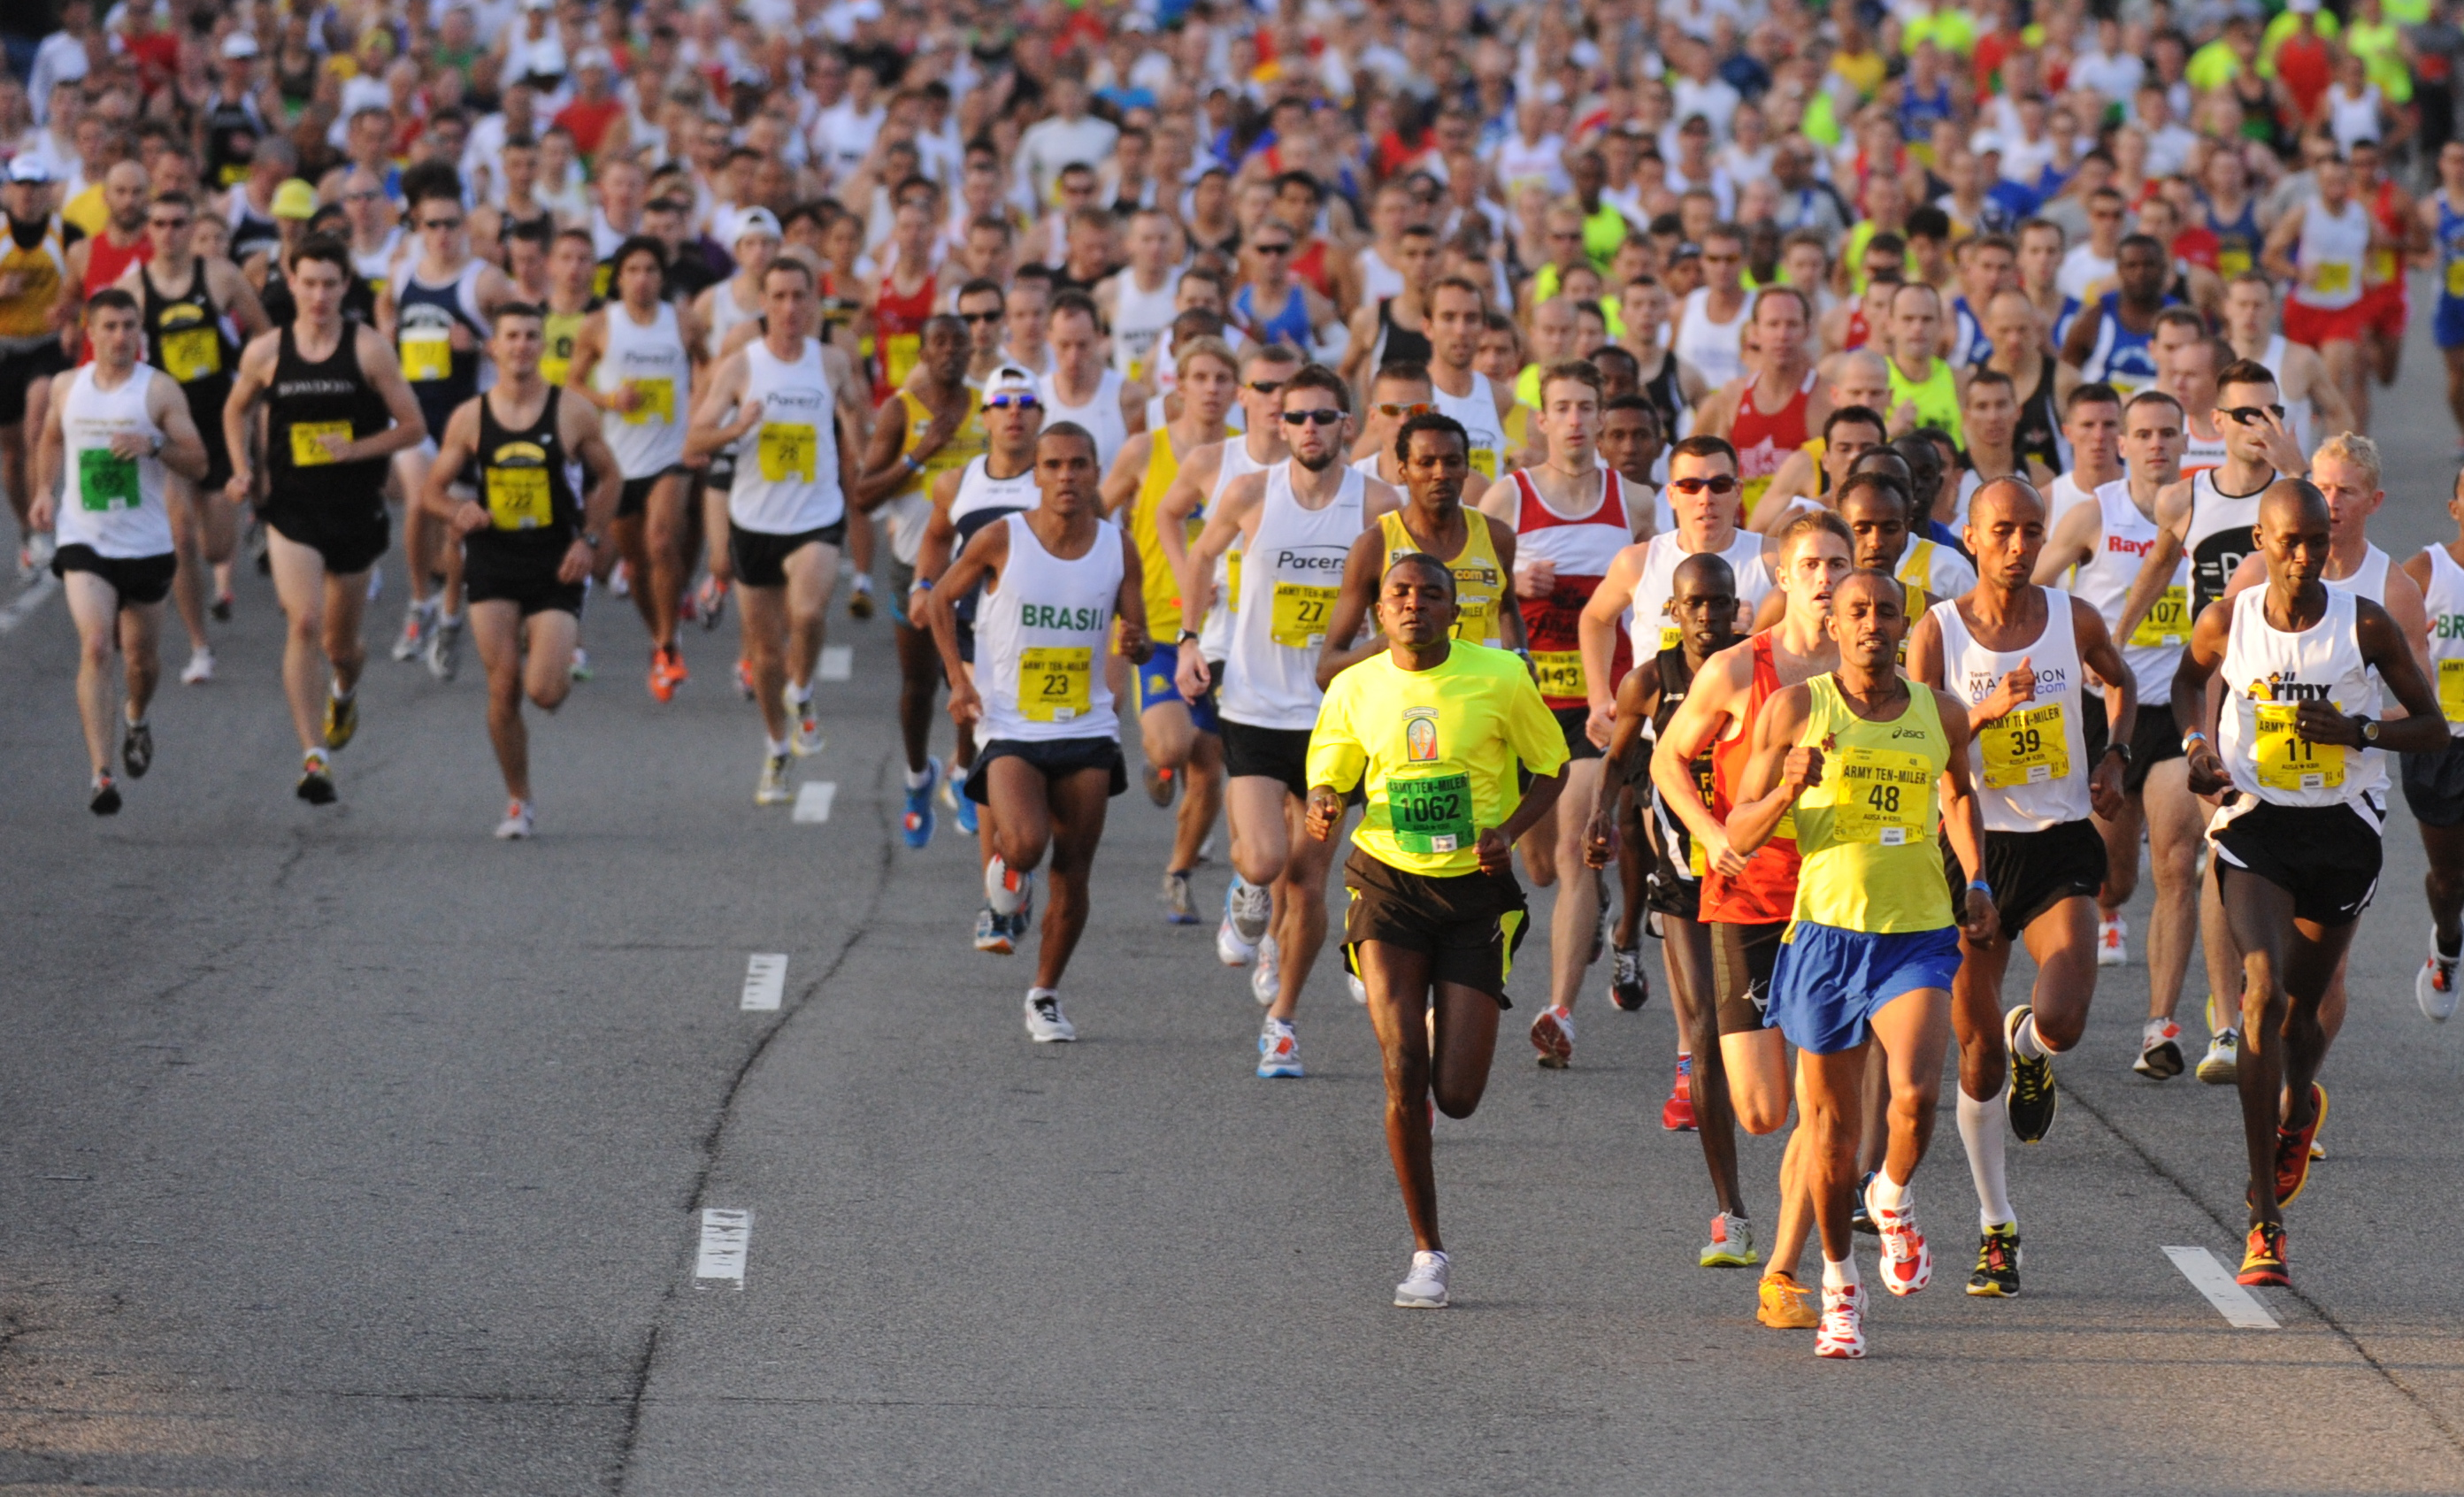 Bei den Olympischen Sommerspielen 2016 in Brasilien wird das Klima eine wichtige Rolle spielen. Foto: flickr.com/familymwr